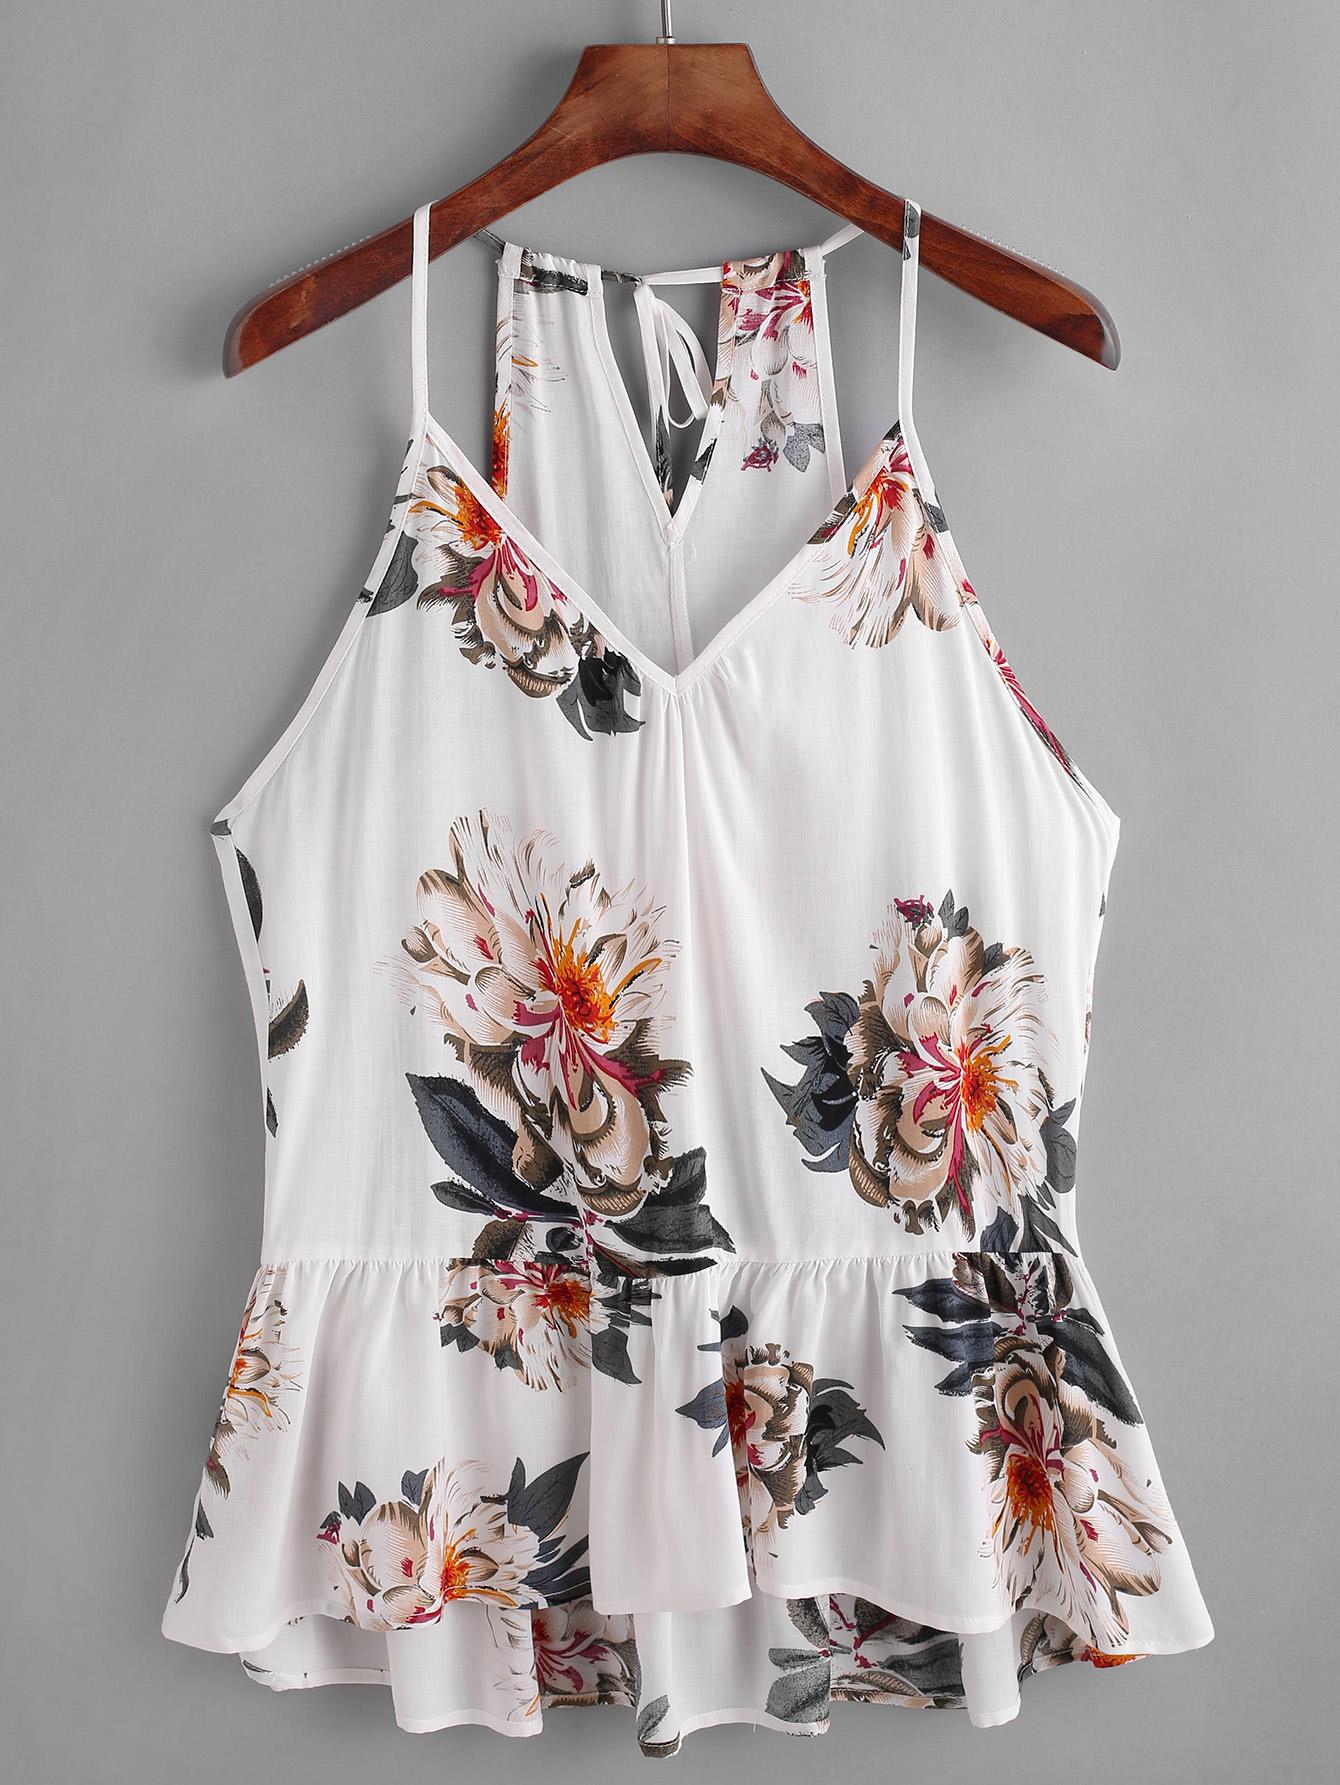 Купить Модный топ на бретельках с цветочным принтом, null, SheIn